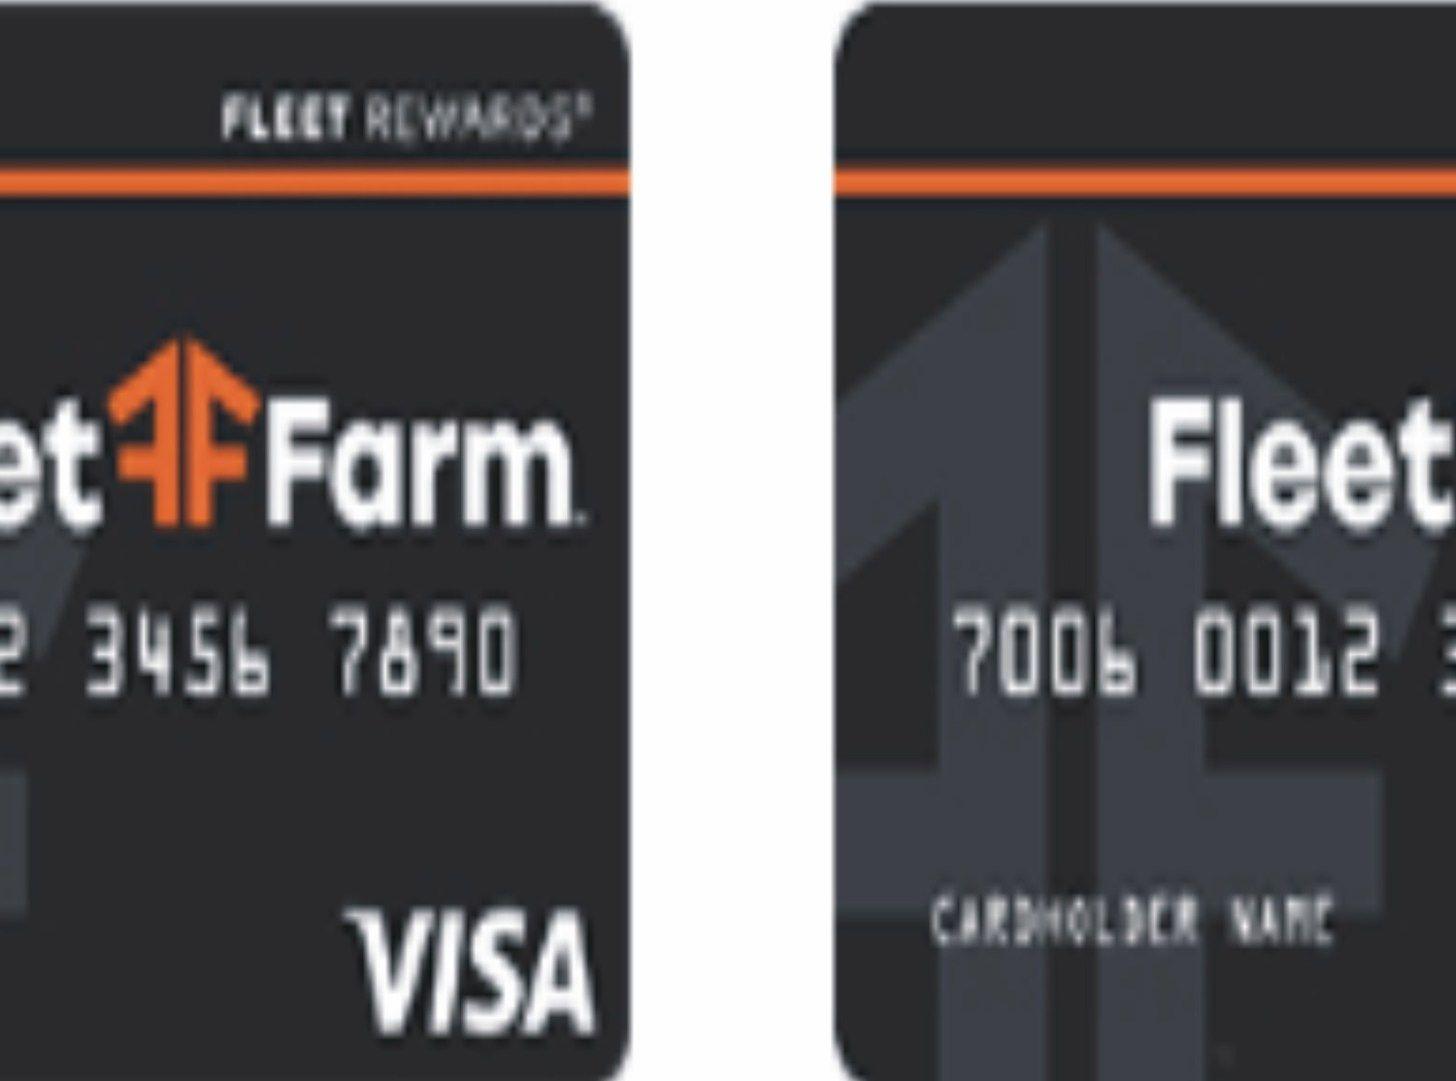 Fleet farm credit card fleet farm reward card credit